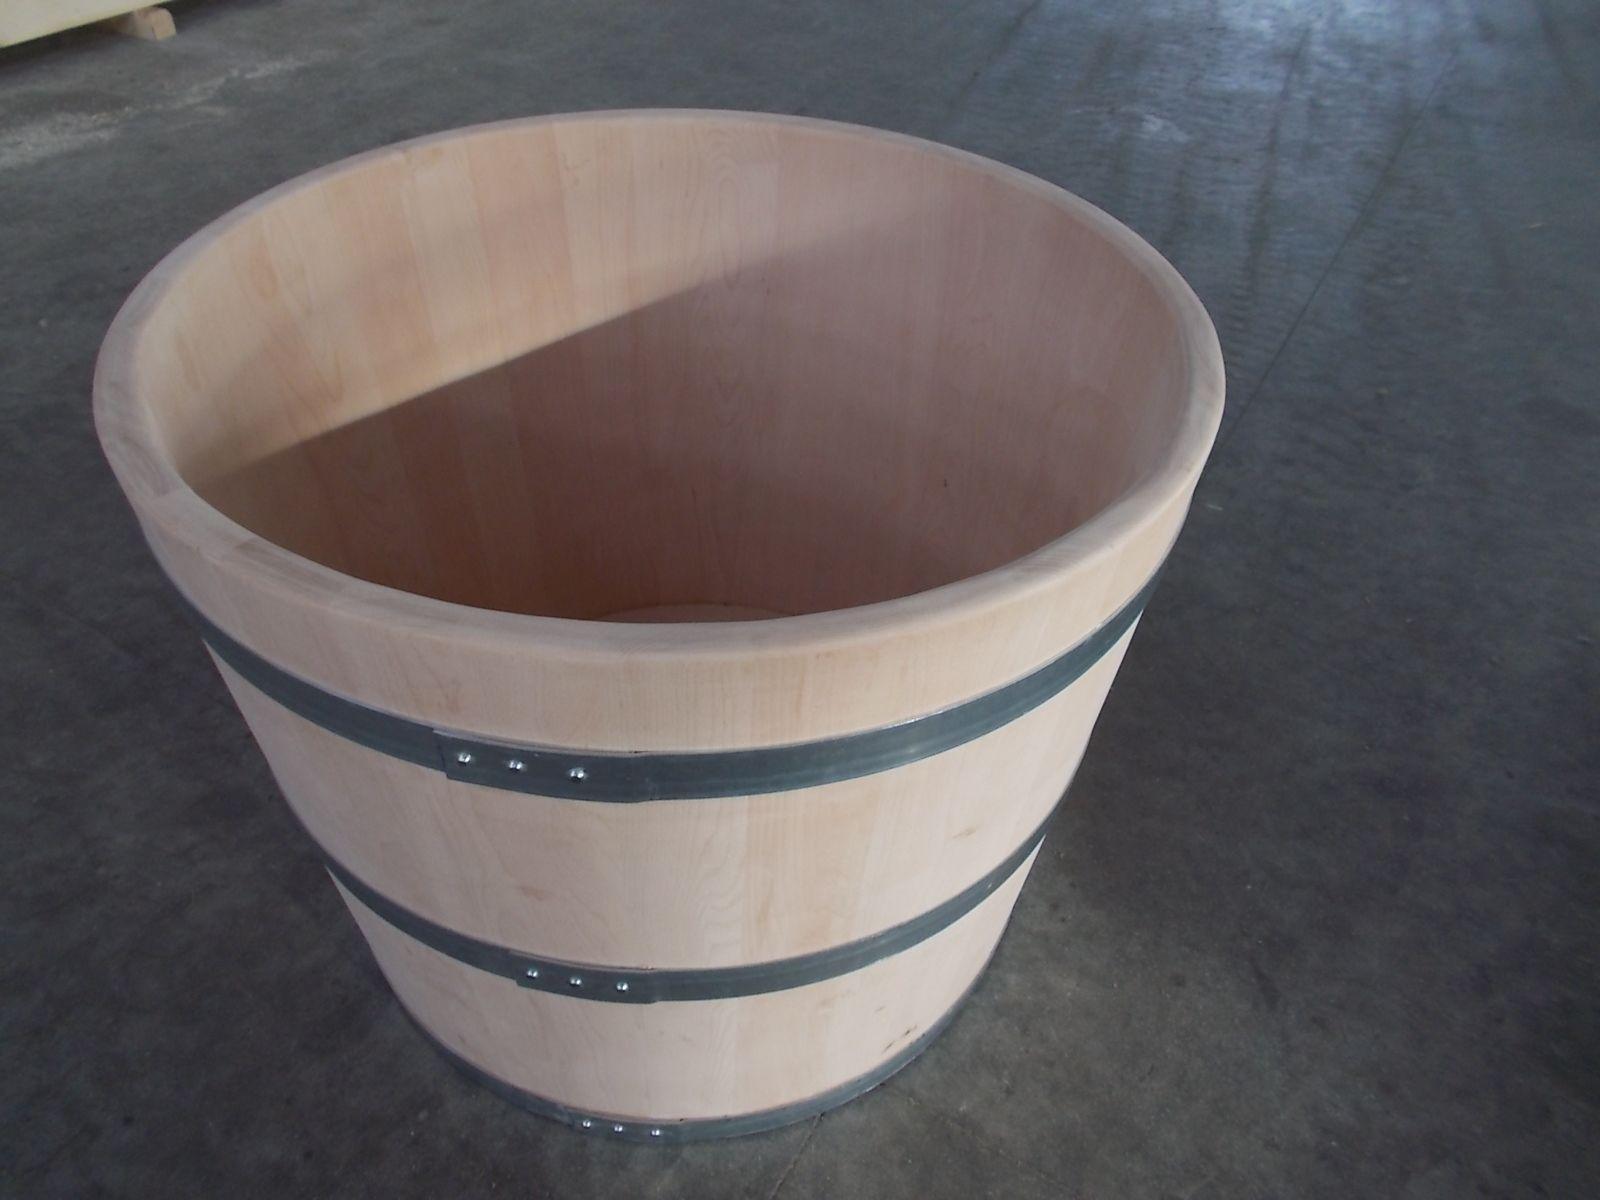 Vasca Da Bagno Tinozza : Vasche da bagno vasche e docce archiproducts